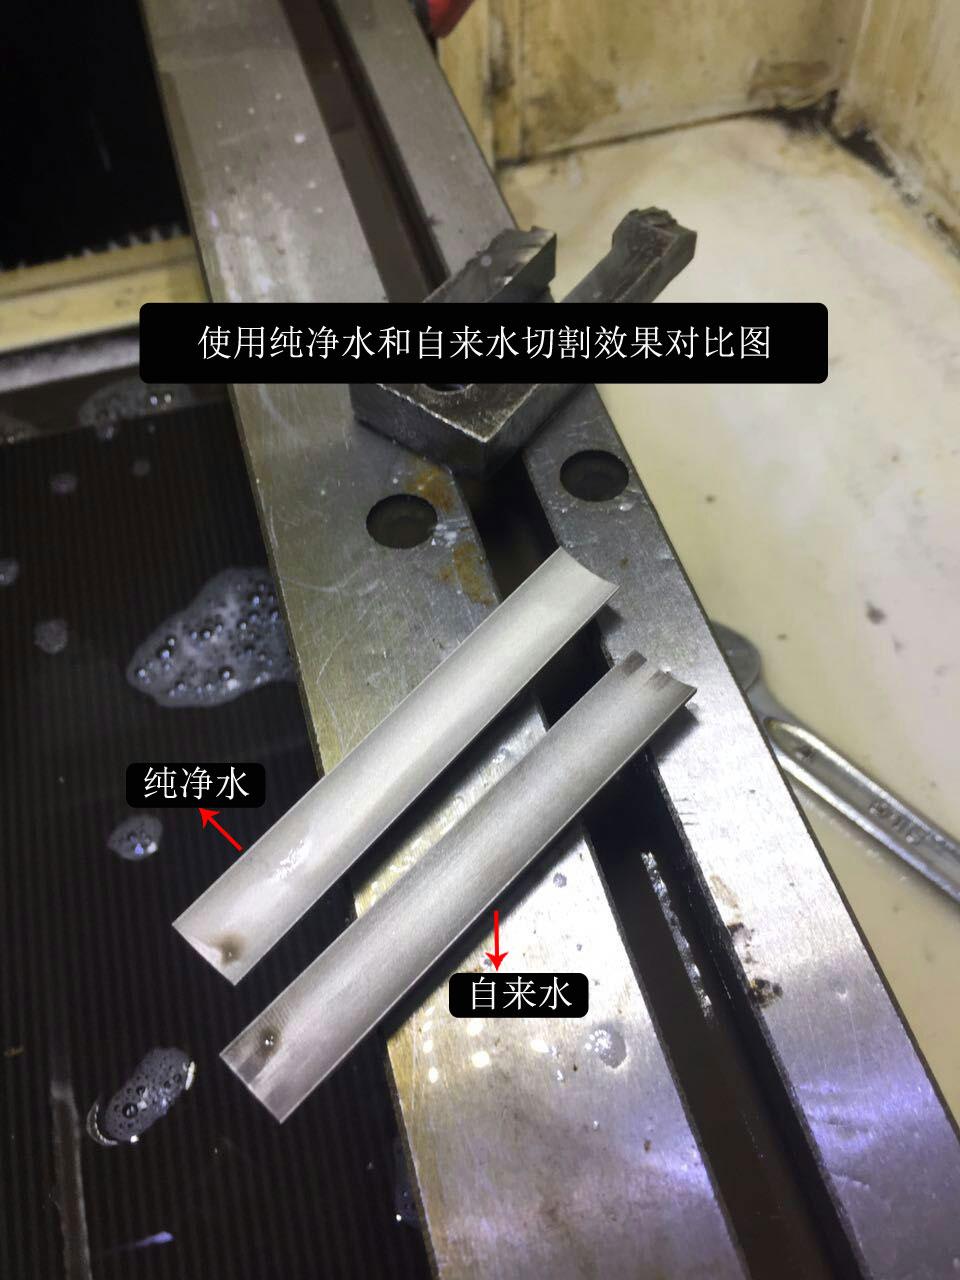 江能线切割液切割效果图2